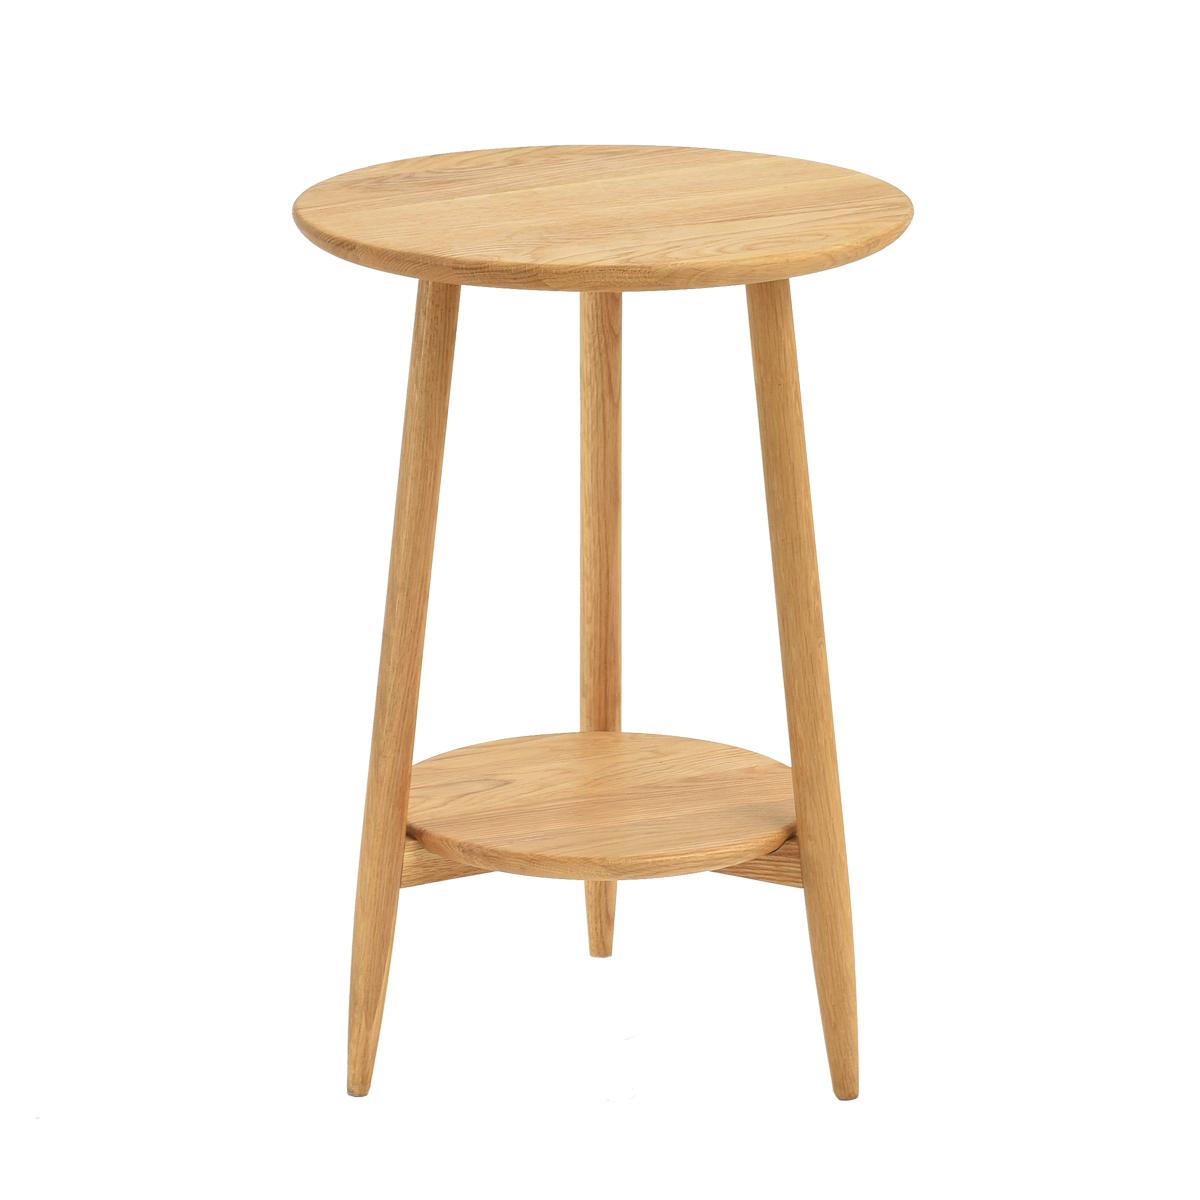 积木部落 实木小茶几简约圆形边几迷你小桌子客厅角几北欧小圆桌